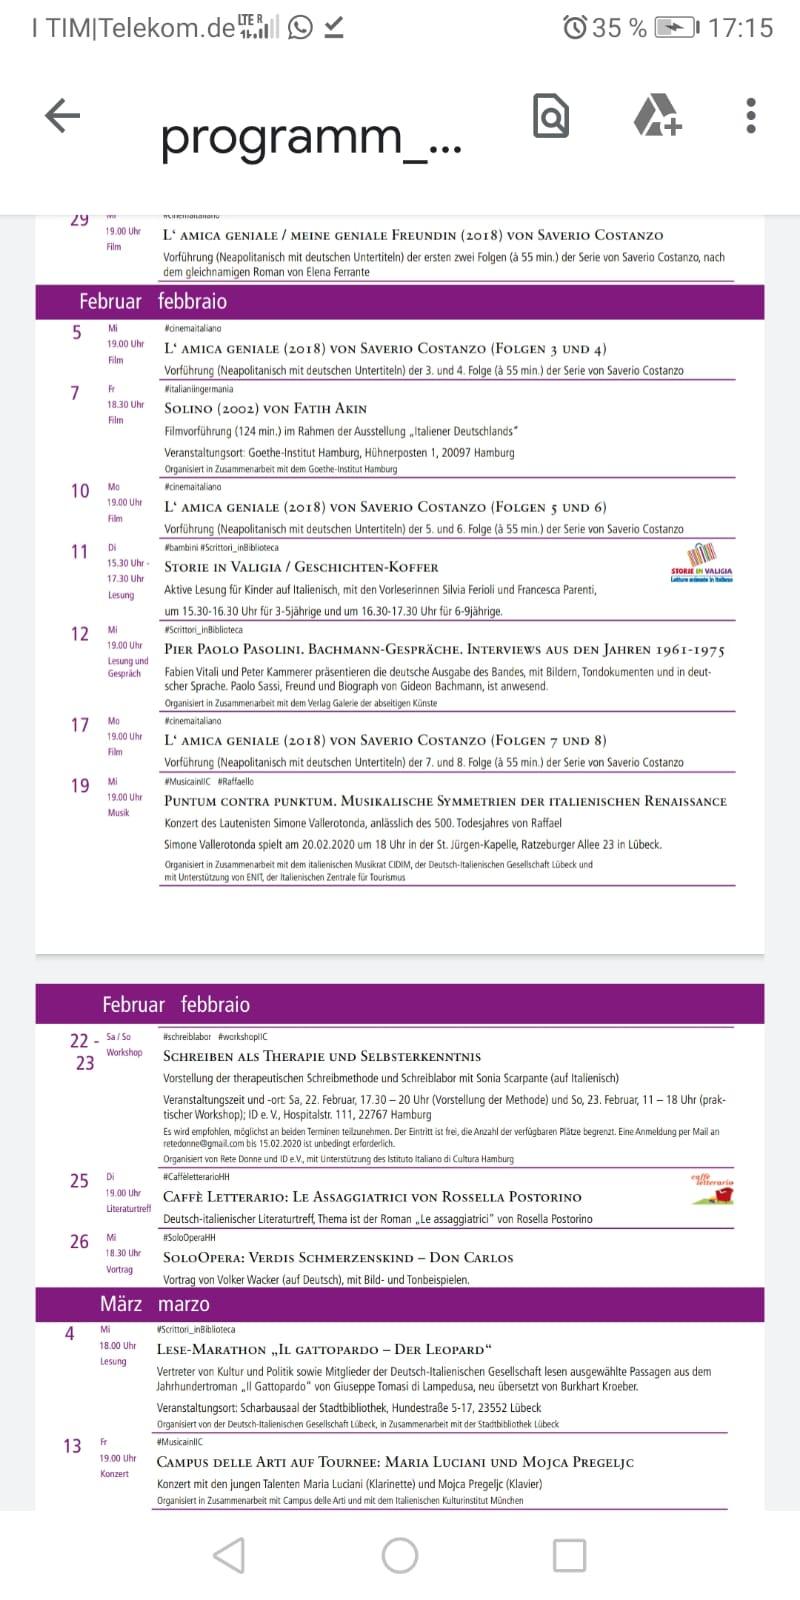 Scrittura terapeutica Amburgo 22 e 23 febbraio 2020